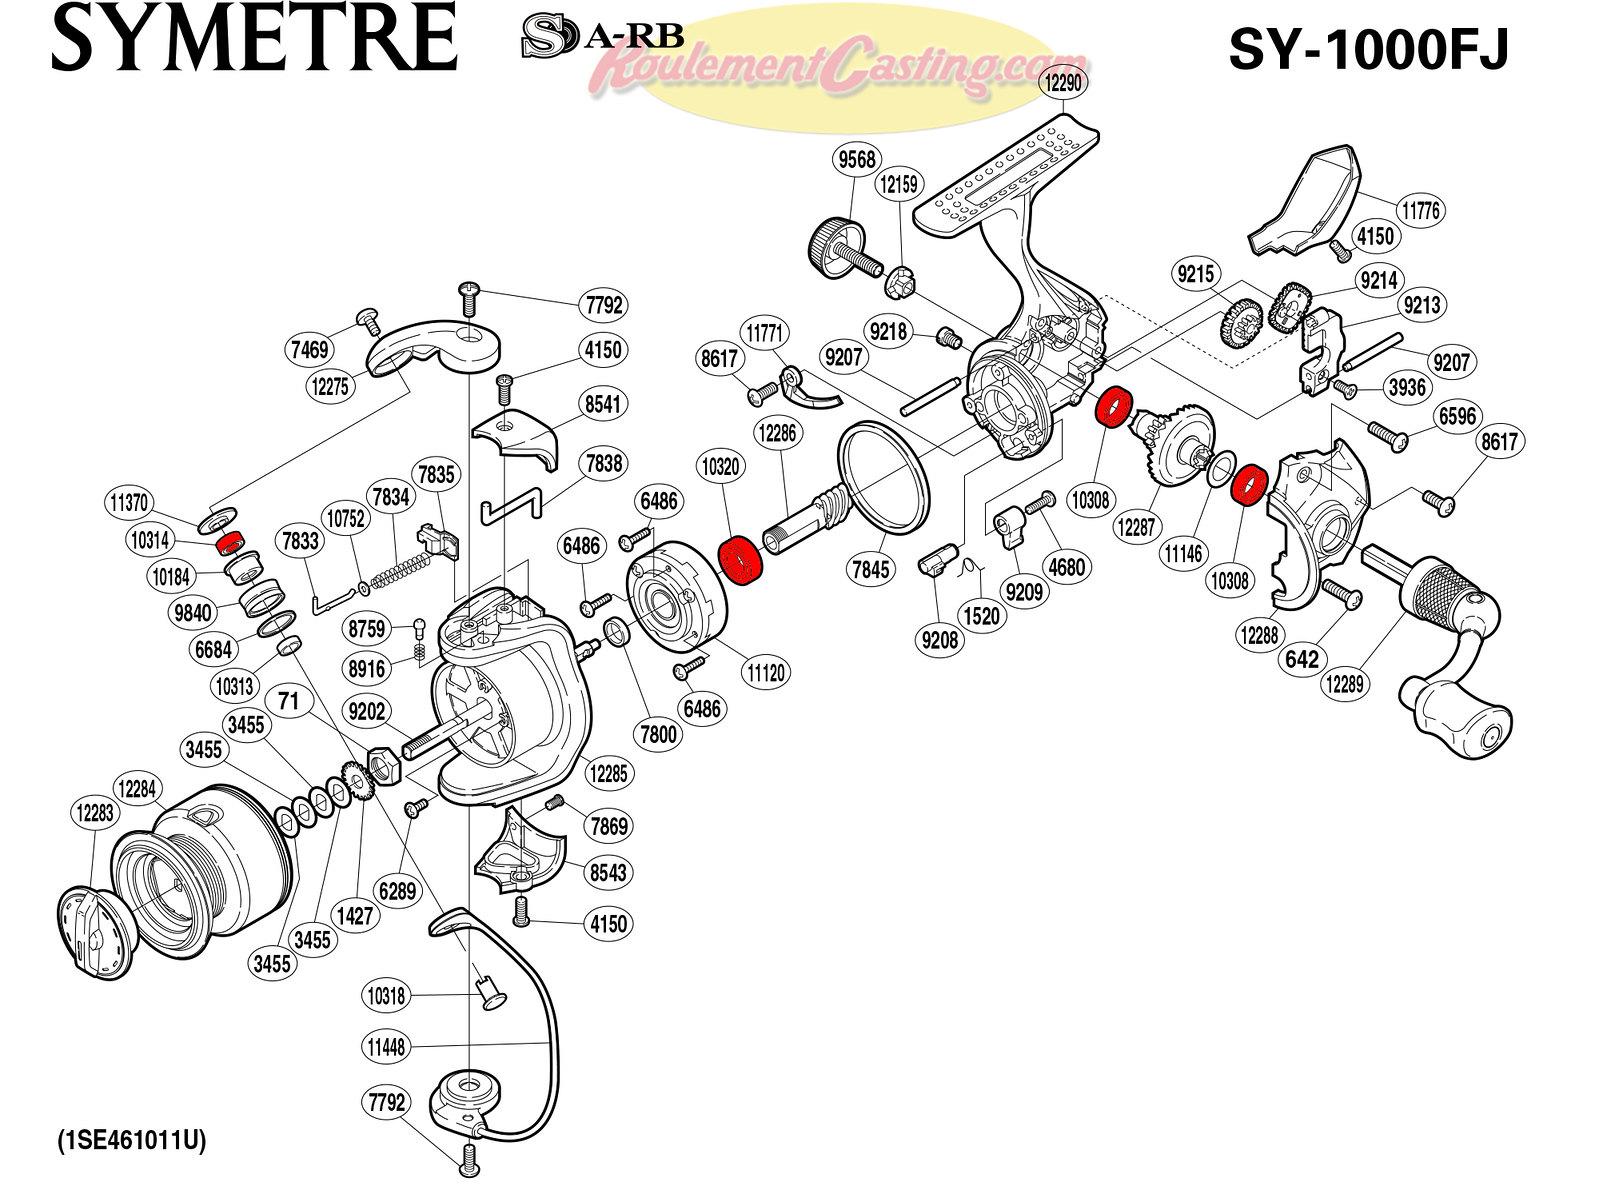 Schema-Symetre-1000FJ